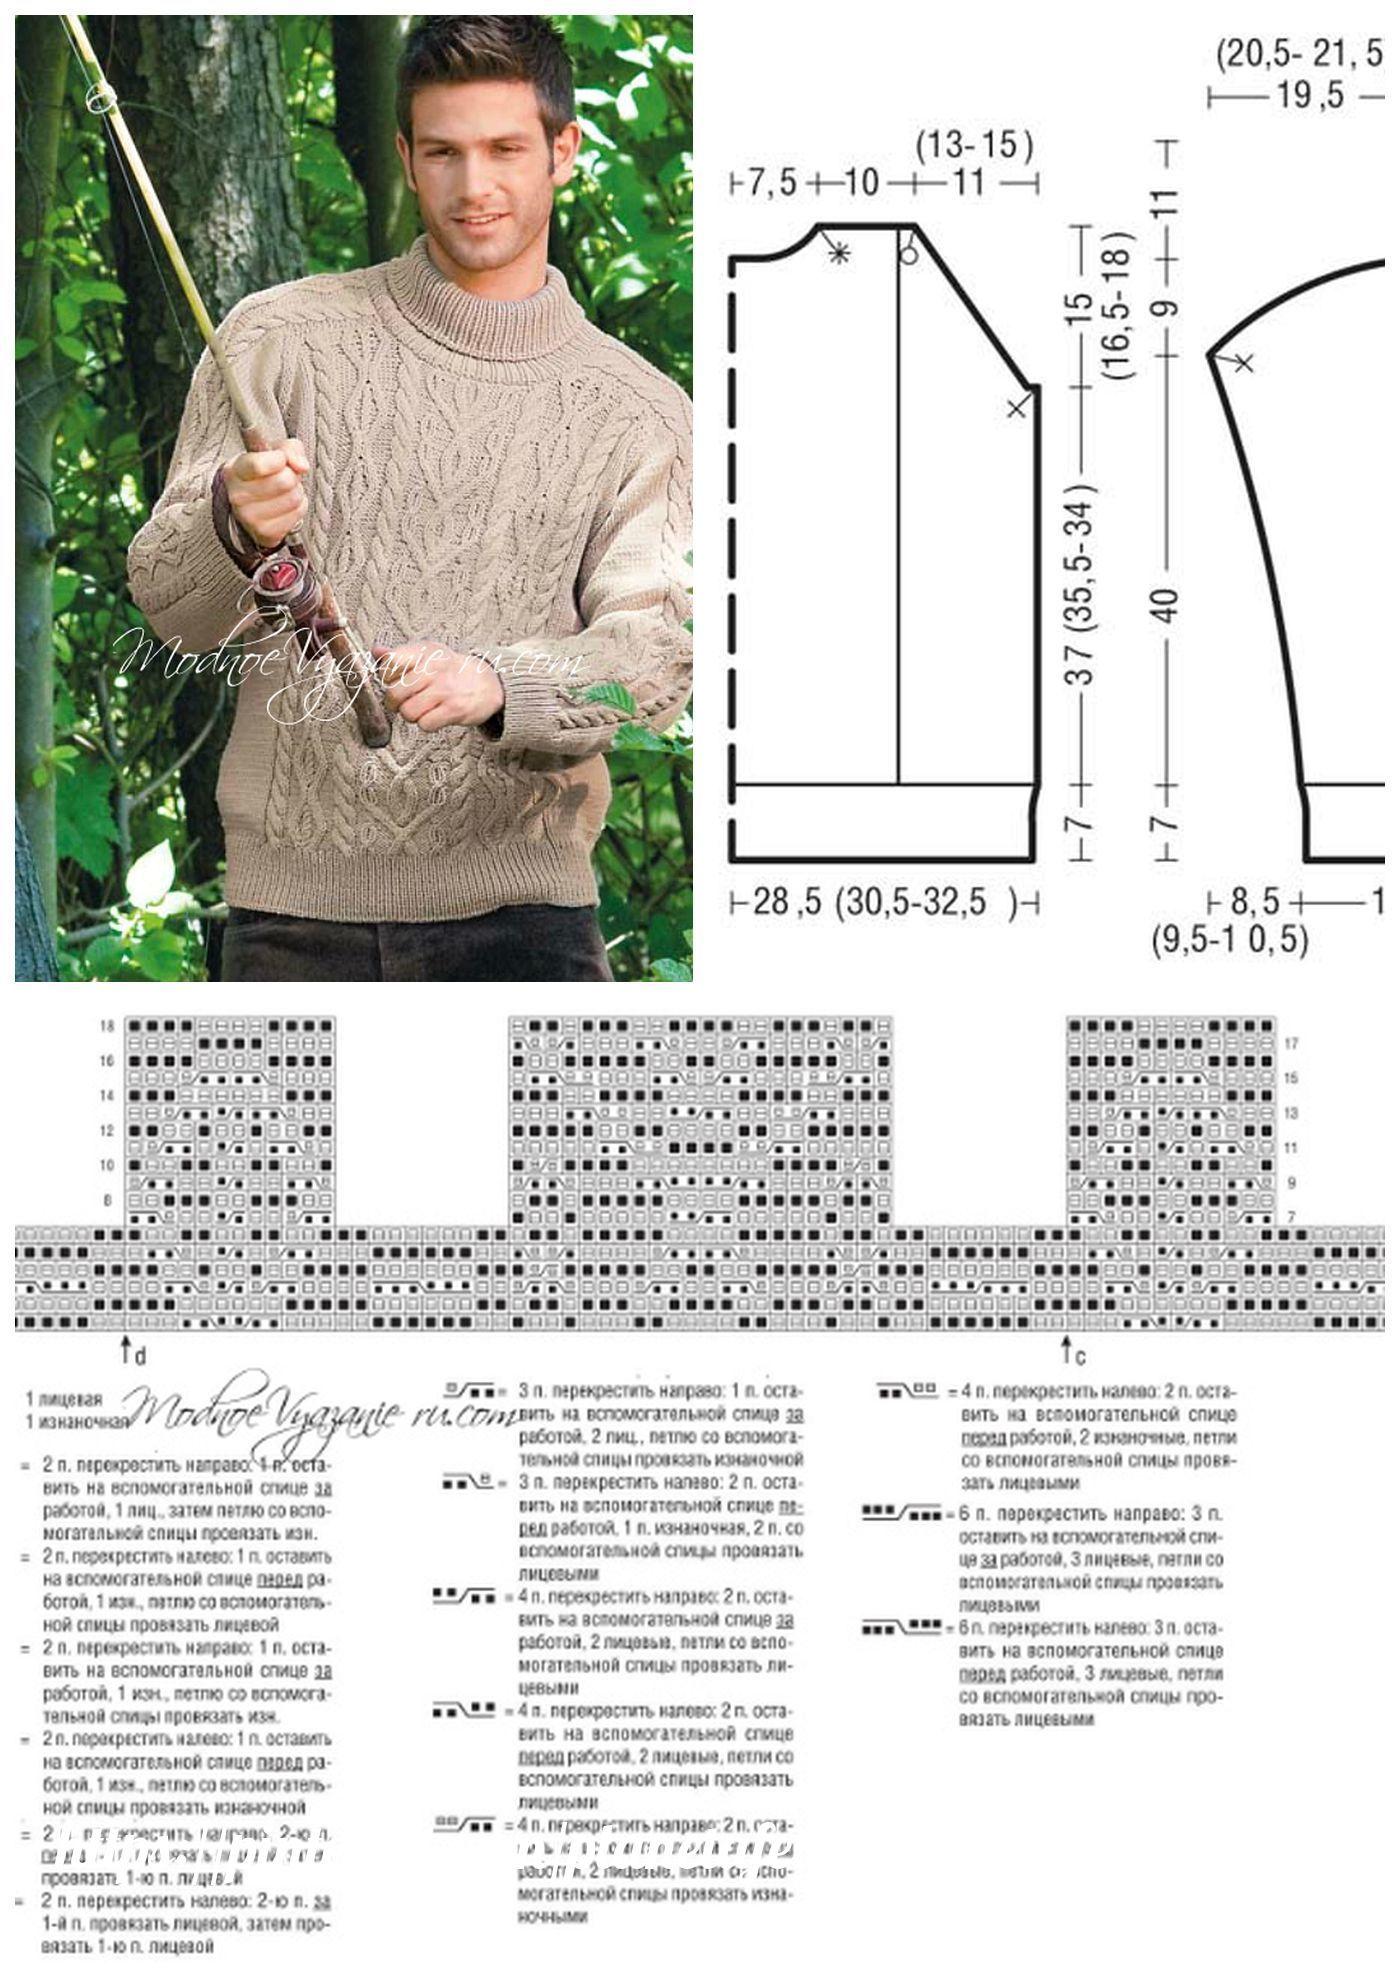 Вязание плеч спинки